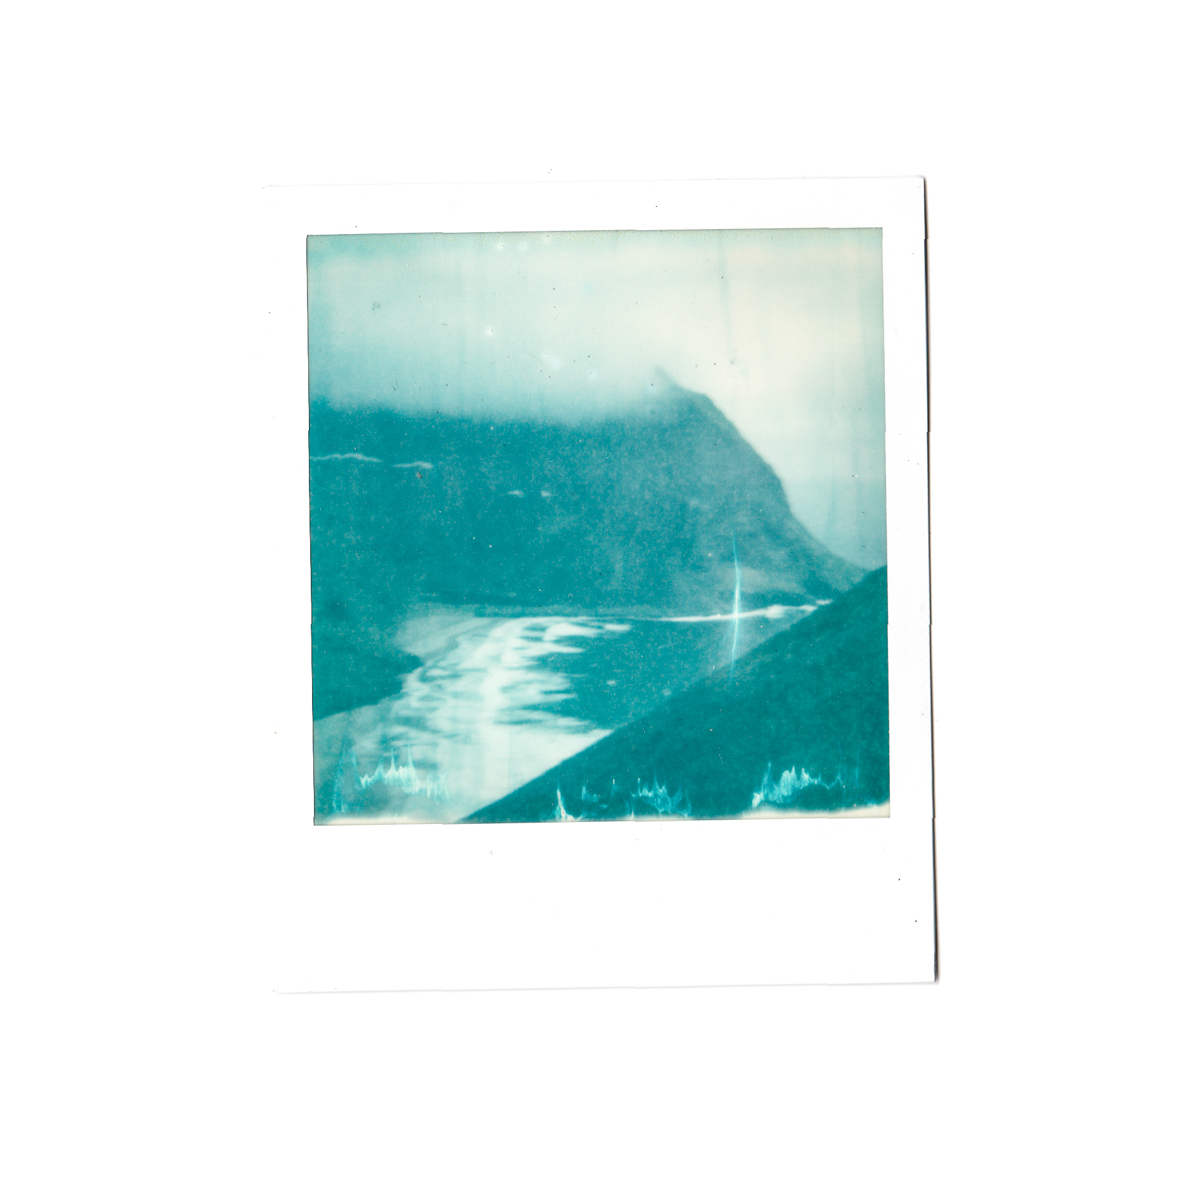 Magnolia_mountain_polaroid_nordland_.jpg